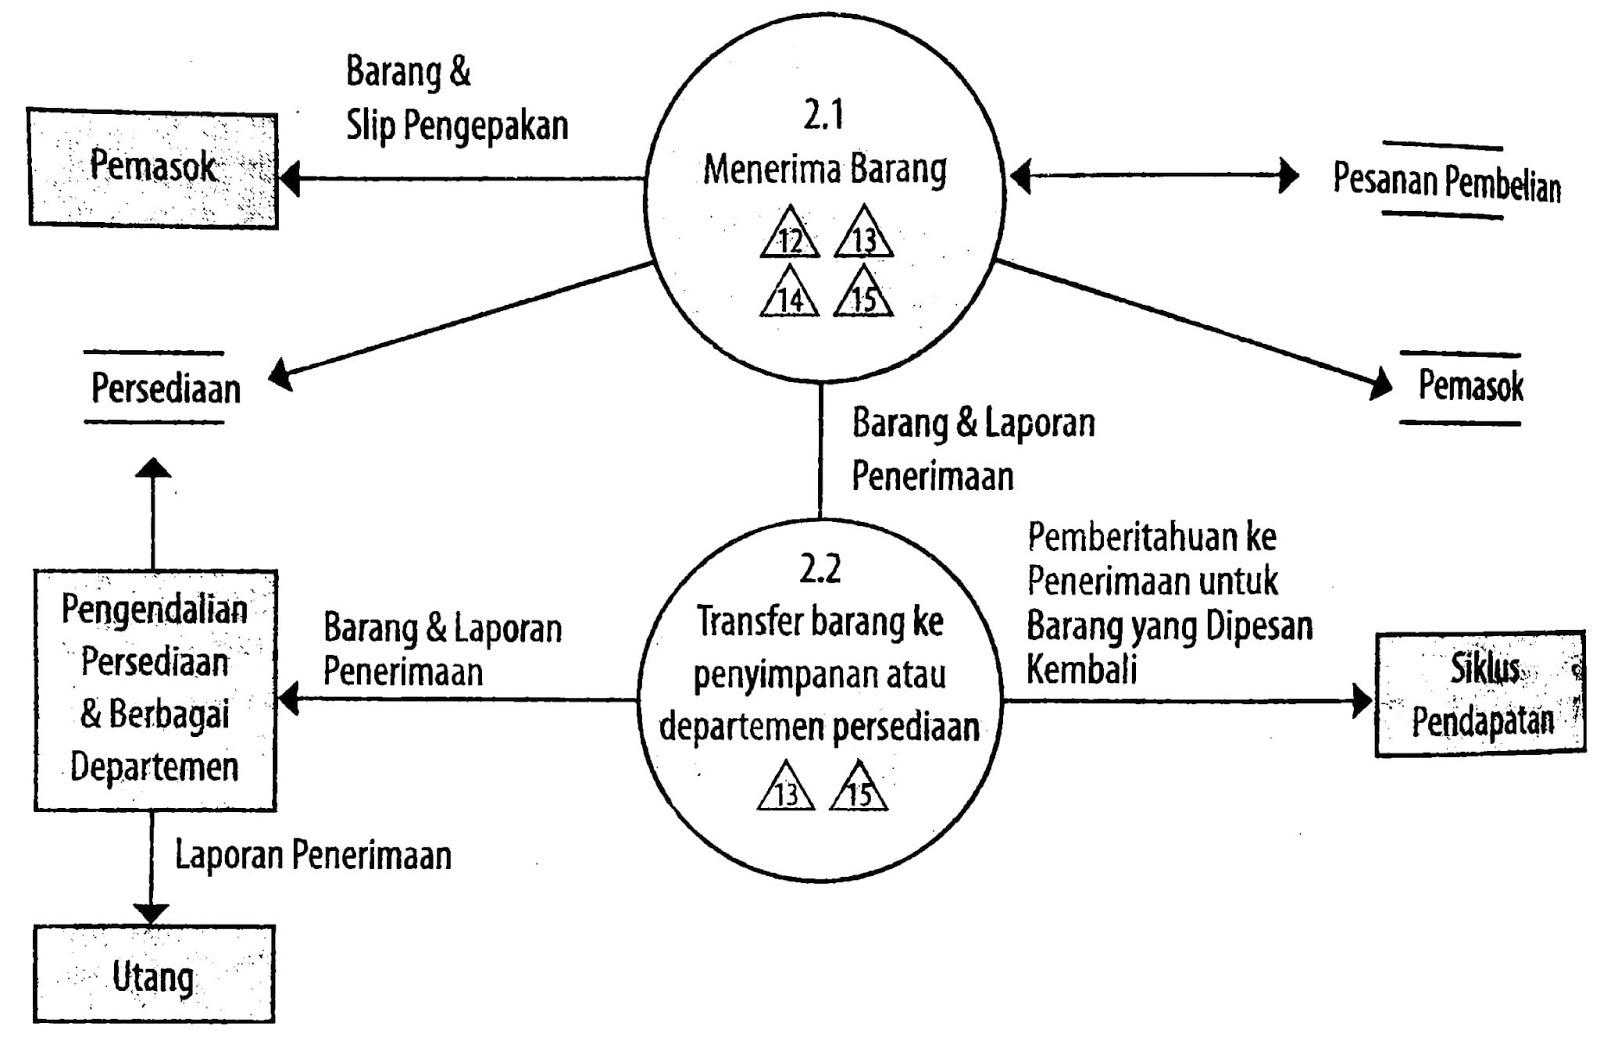 Sistem Informasi Akuntansi Bab 13 Siklus Pengeluaran